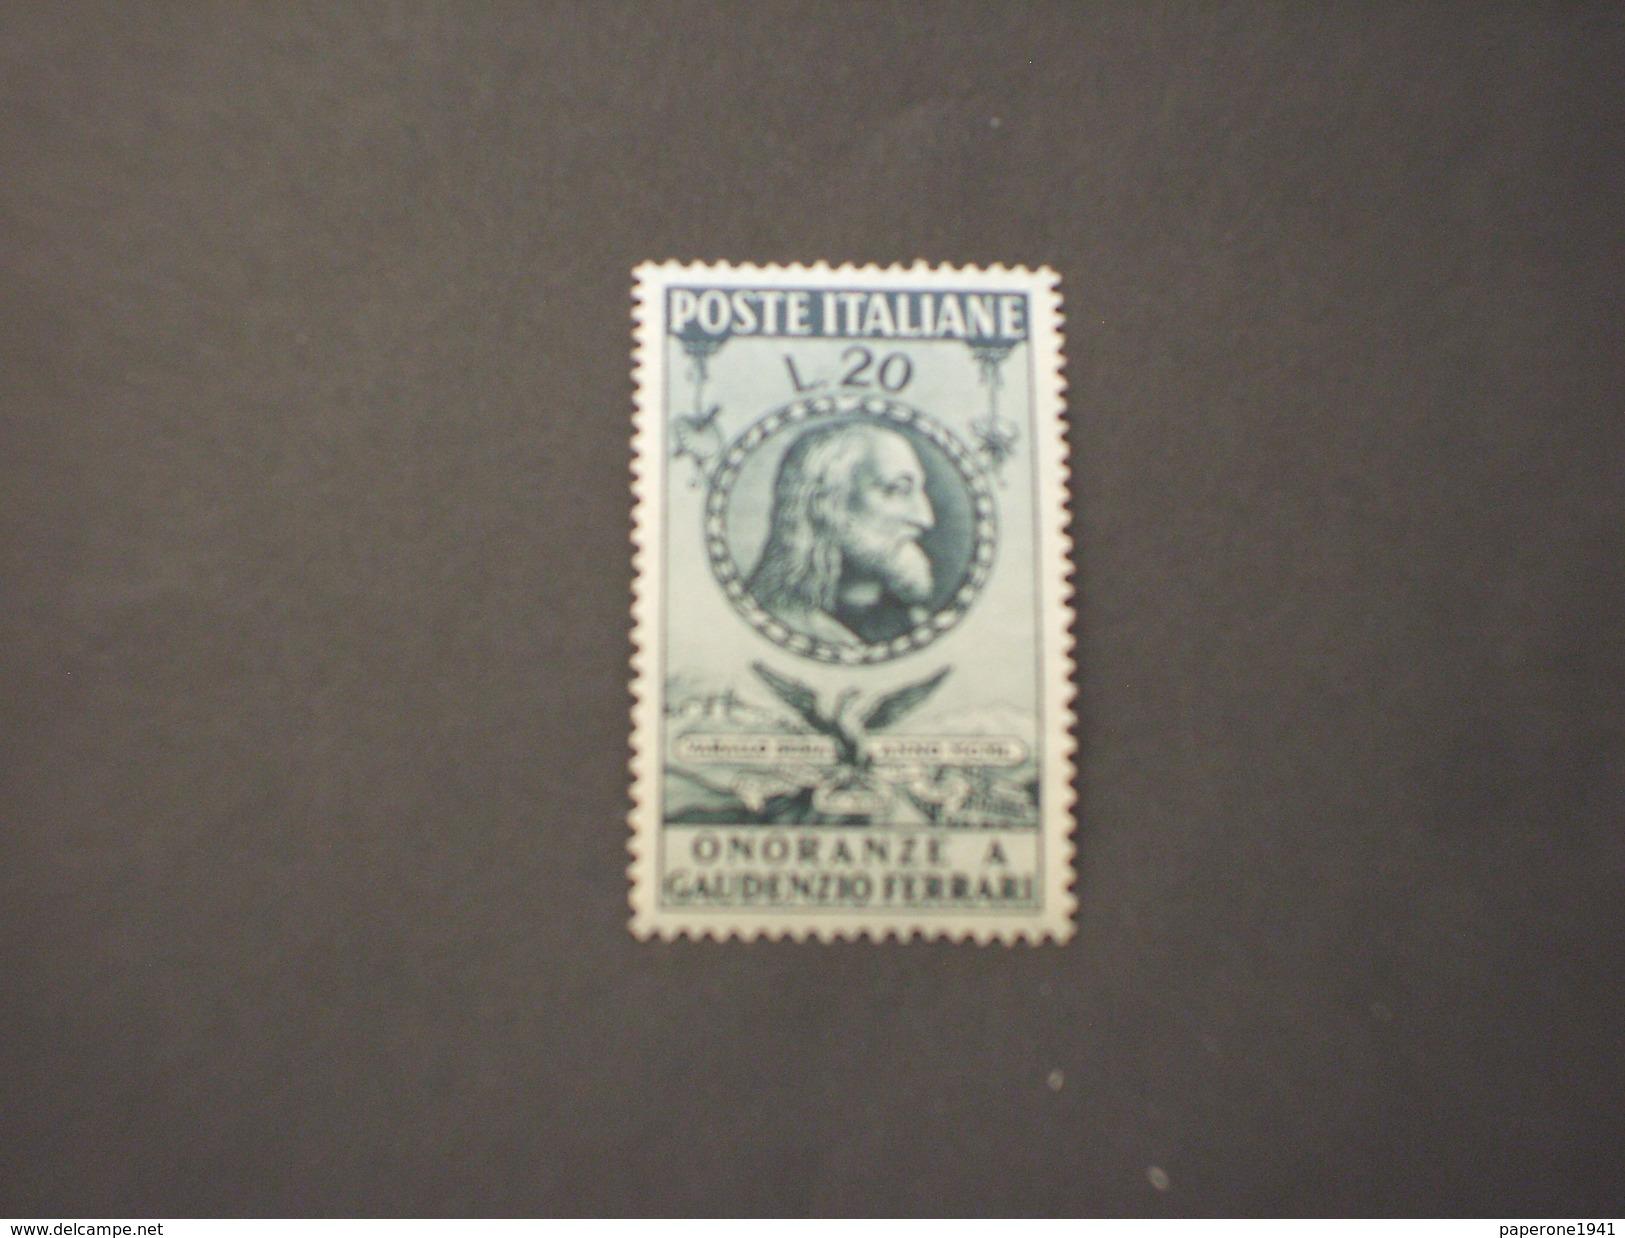 ITALIA REPUBBLICA - 1950 FERRARI - NUOVO(++) - 6. 1946-.. Republic